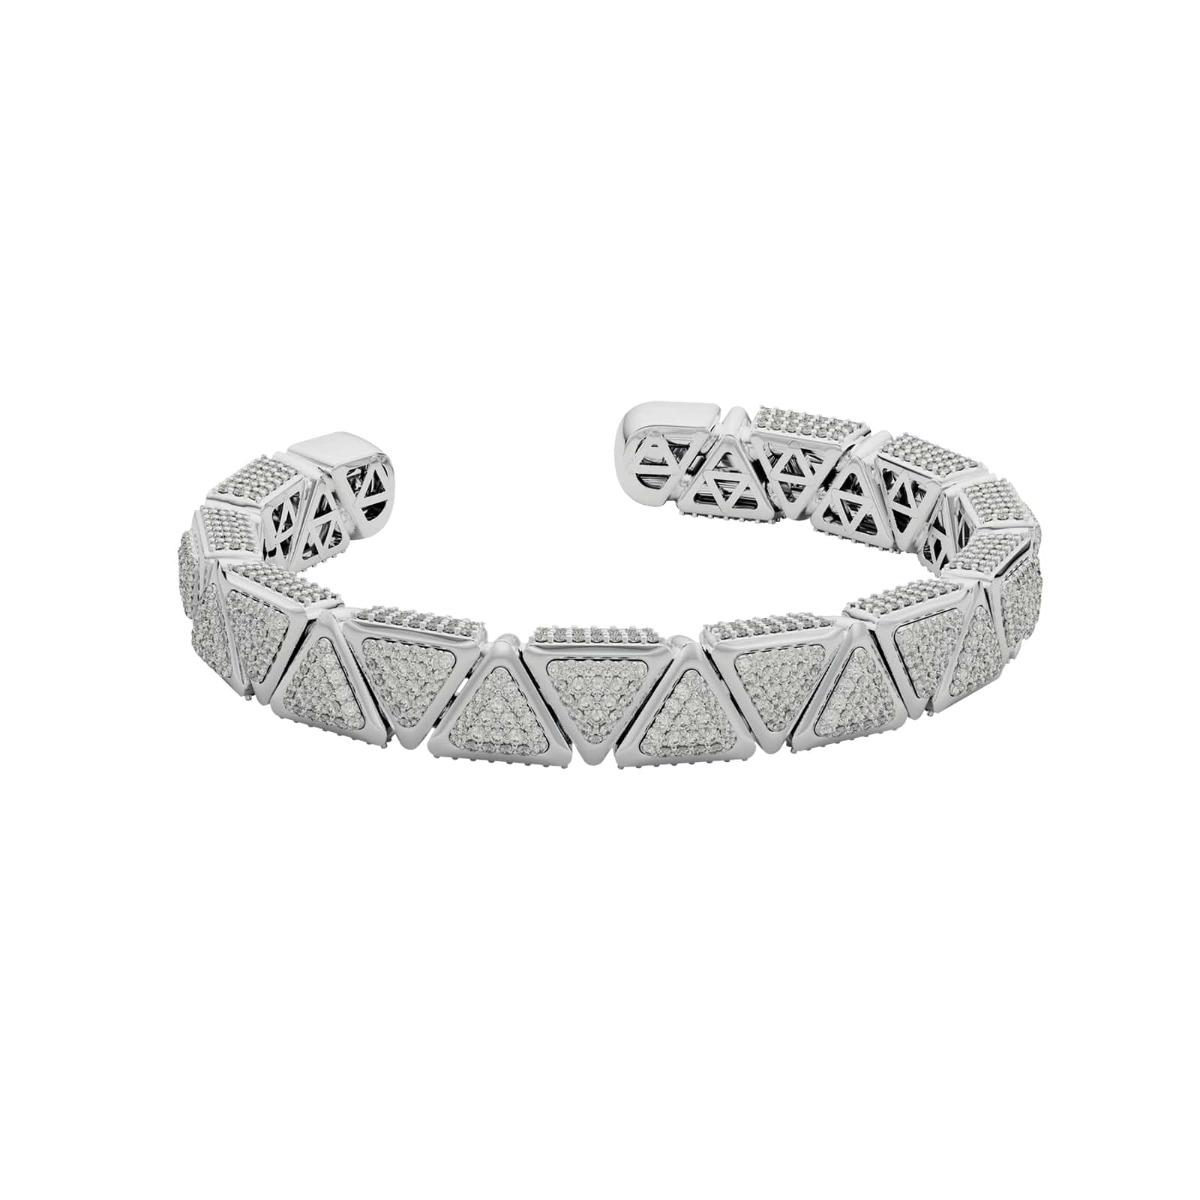 Bracelet BB Anniversary Mirror White Gold Full Diamonds Pavé